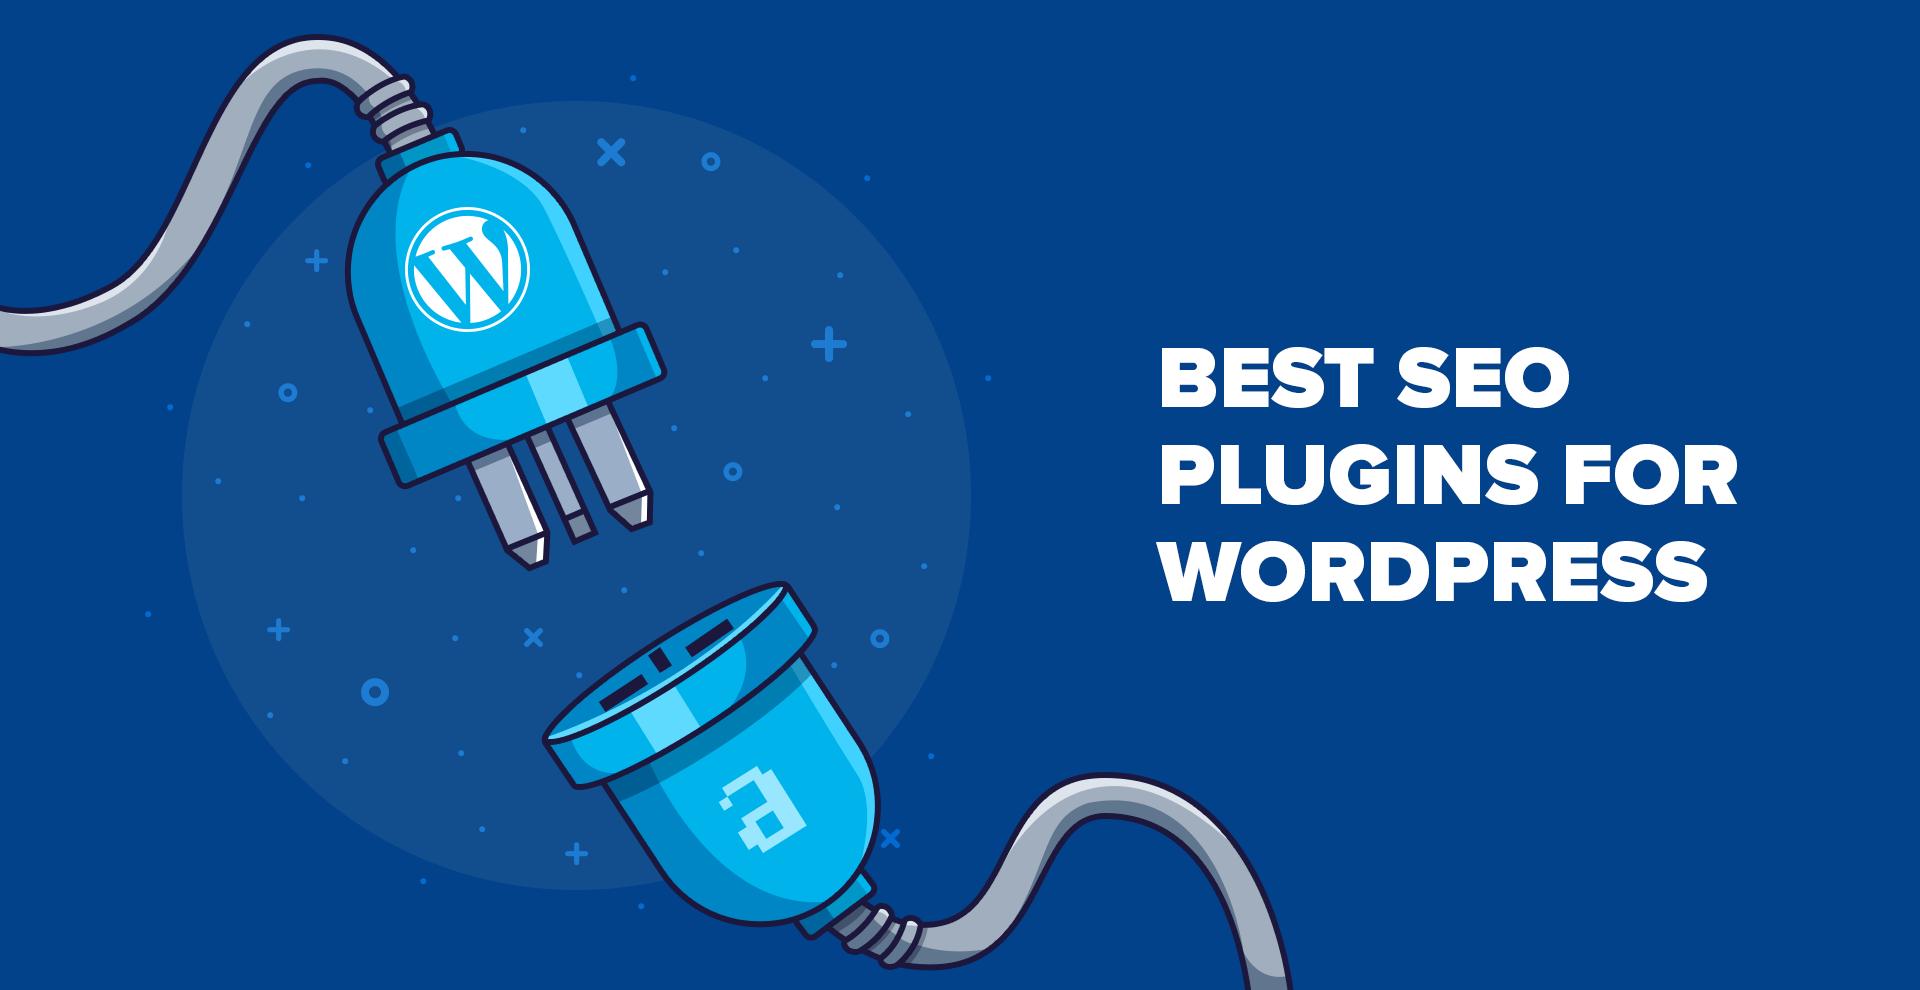 daftar pilihan plugin seo terbaik untuk kebutuhan optimasi blog wordpress paling populer